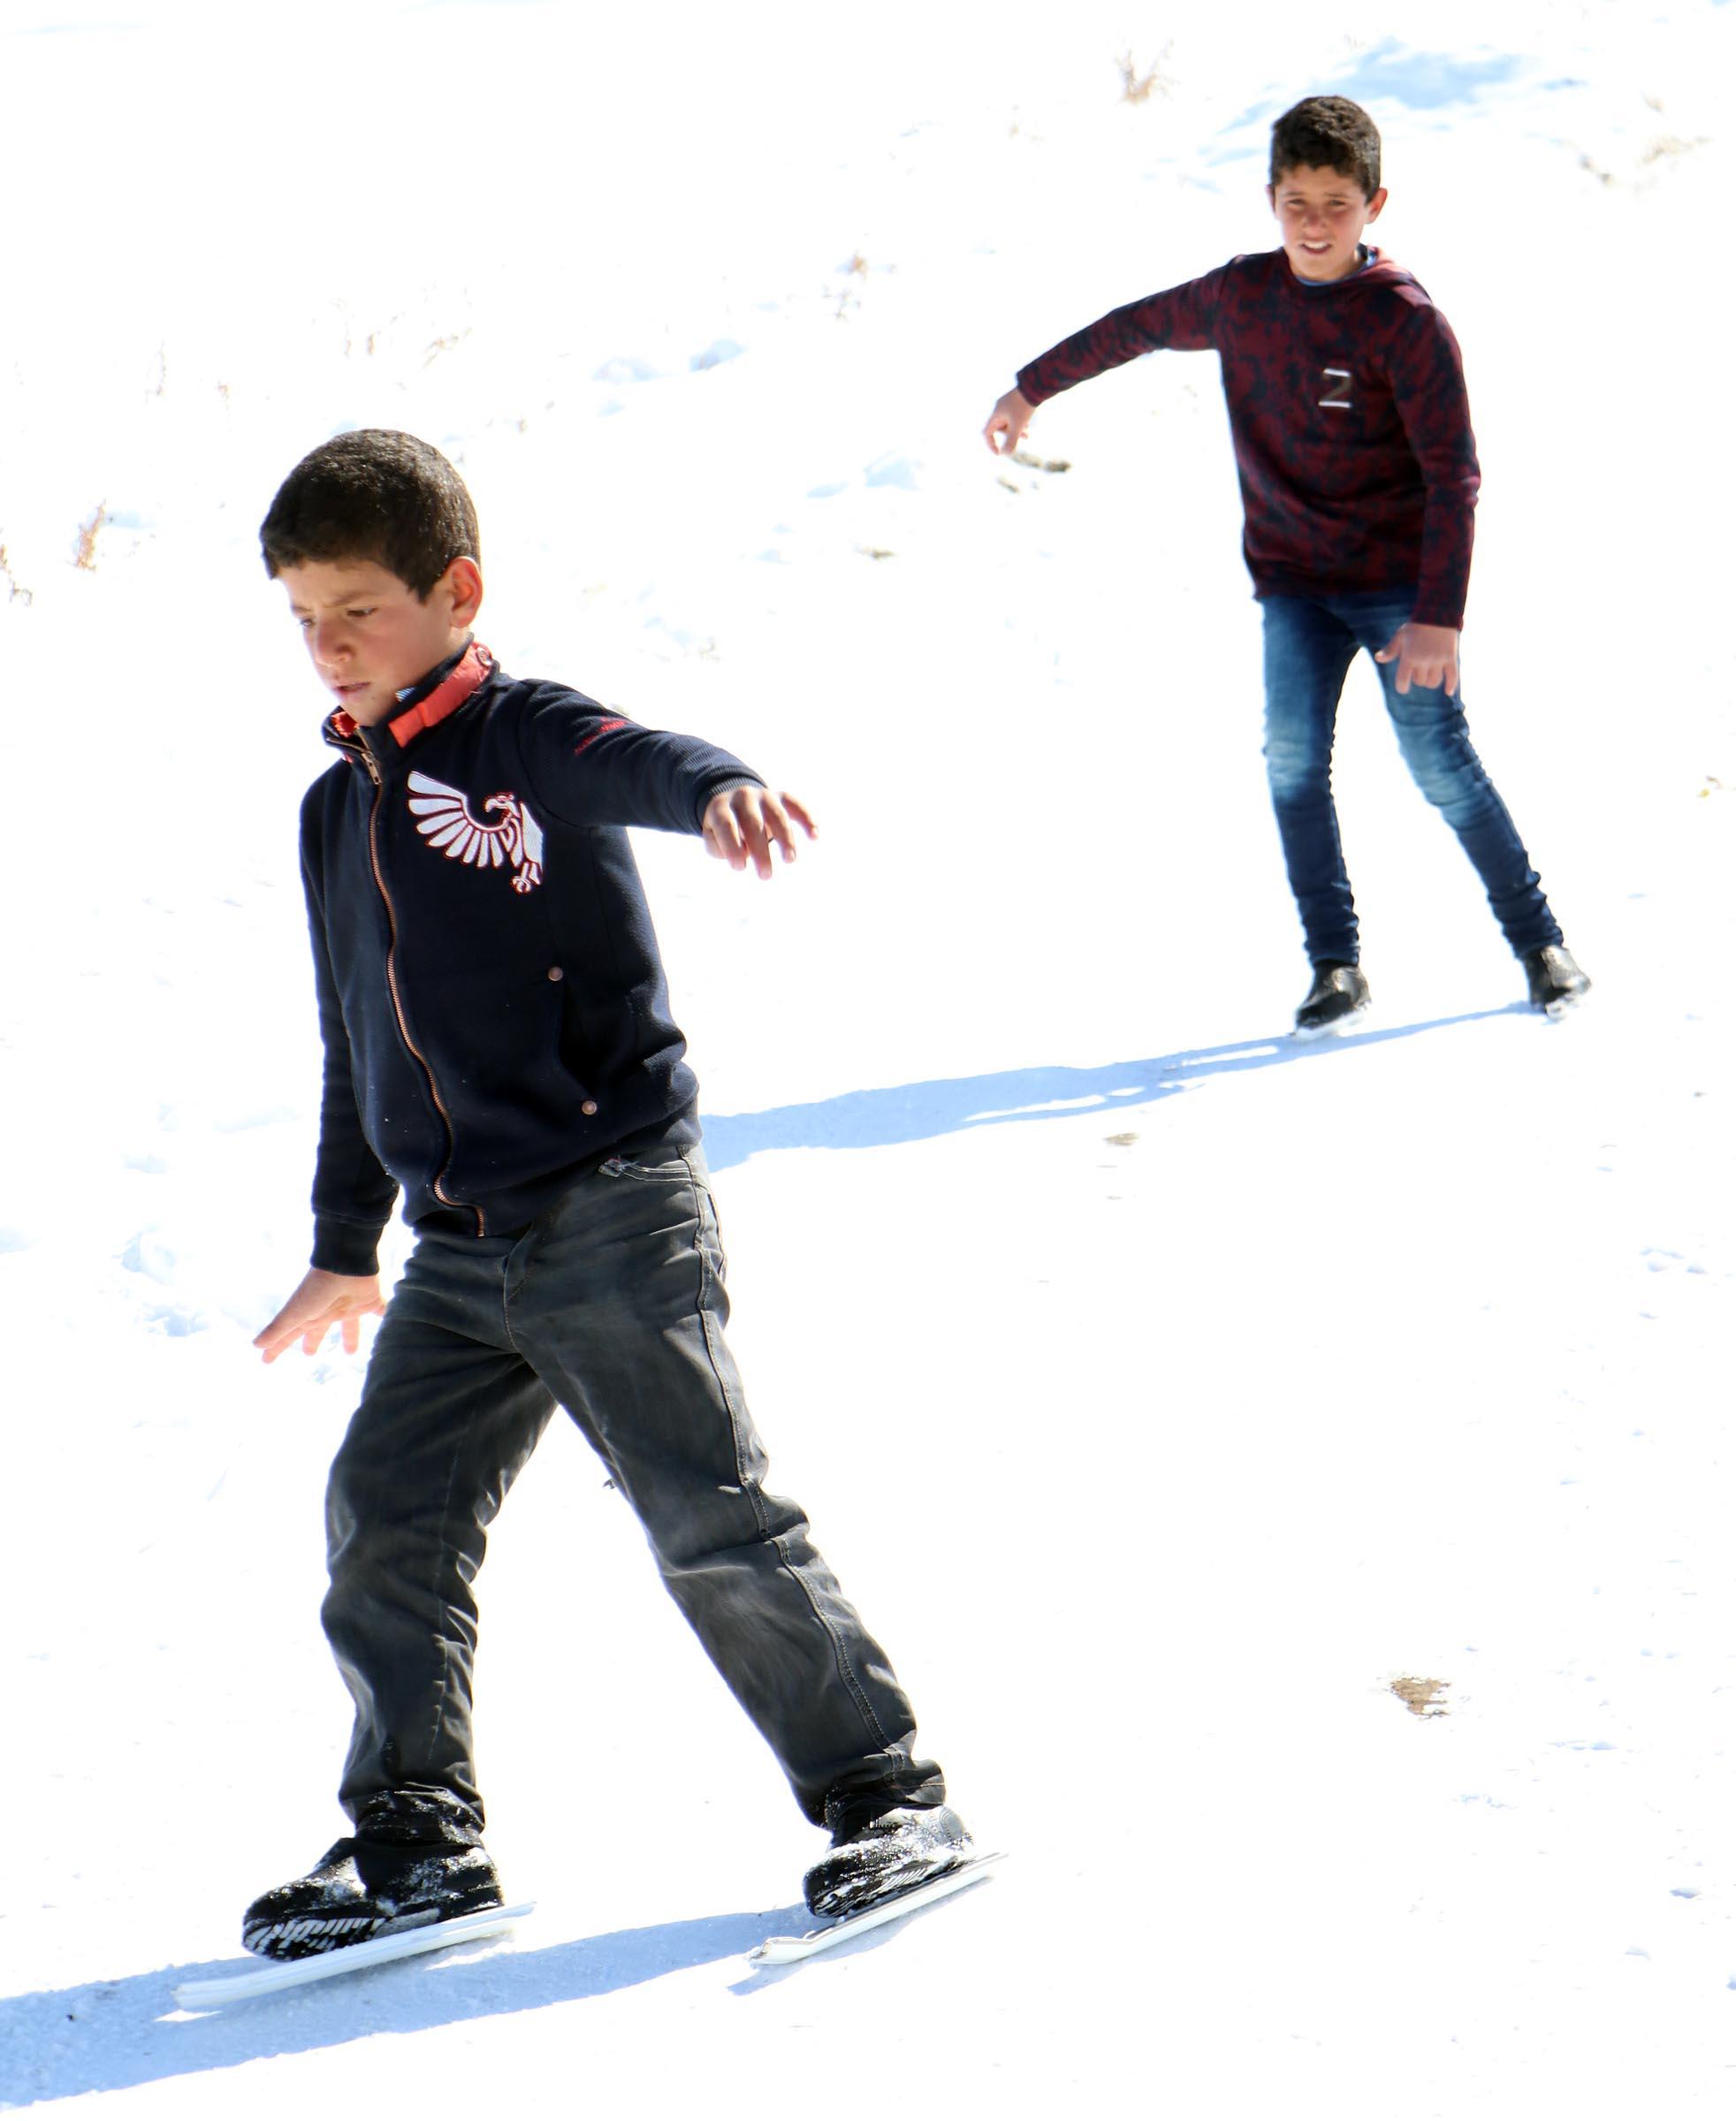 Kornişli kayak keyfi Palandöken'e komşular ama gidemiyorlar